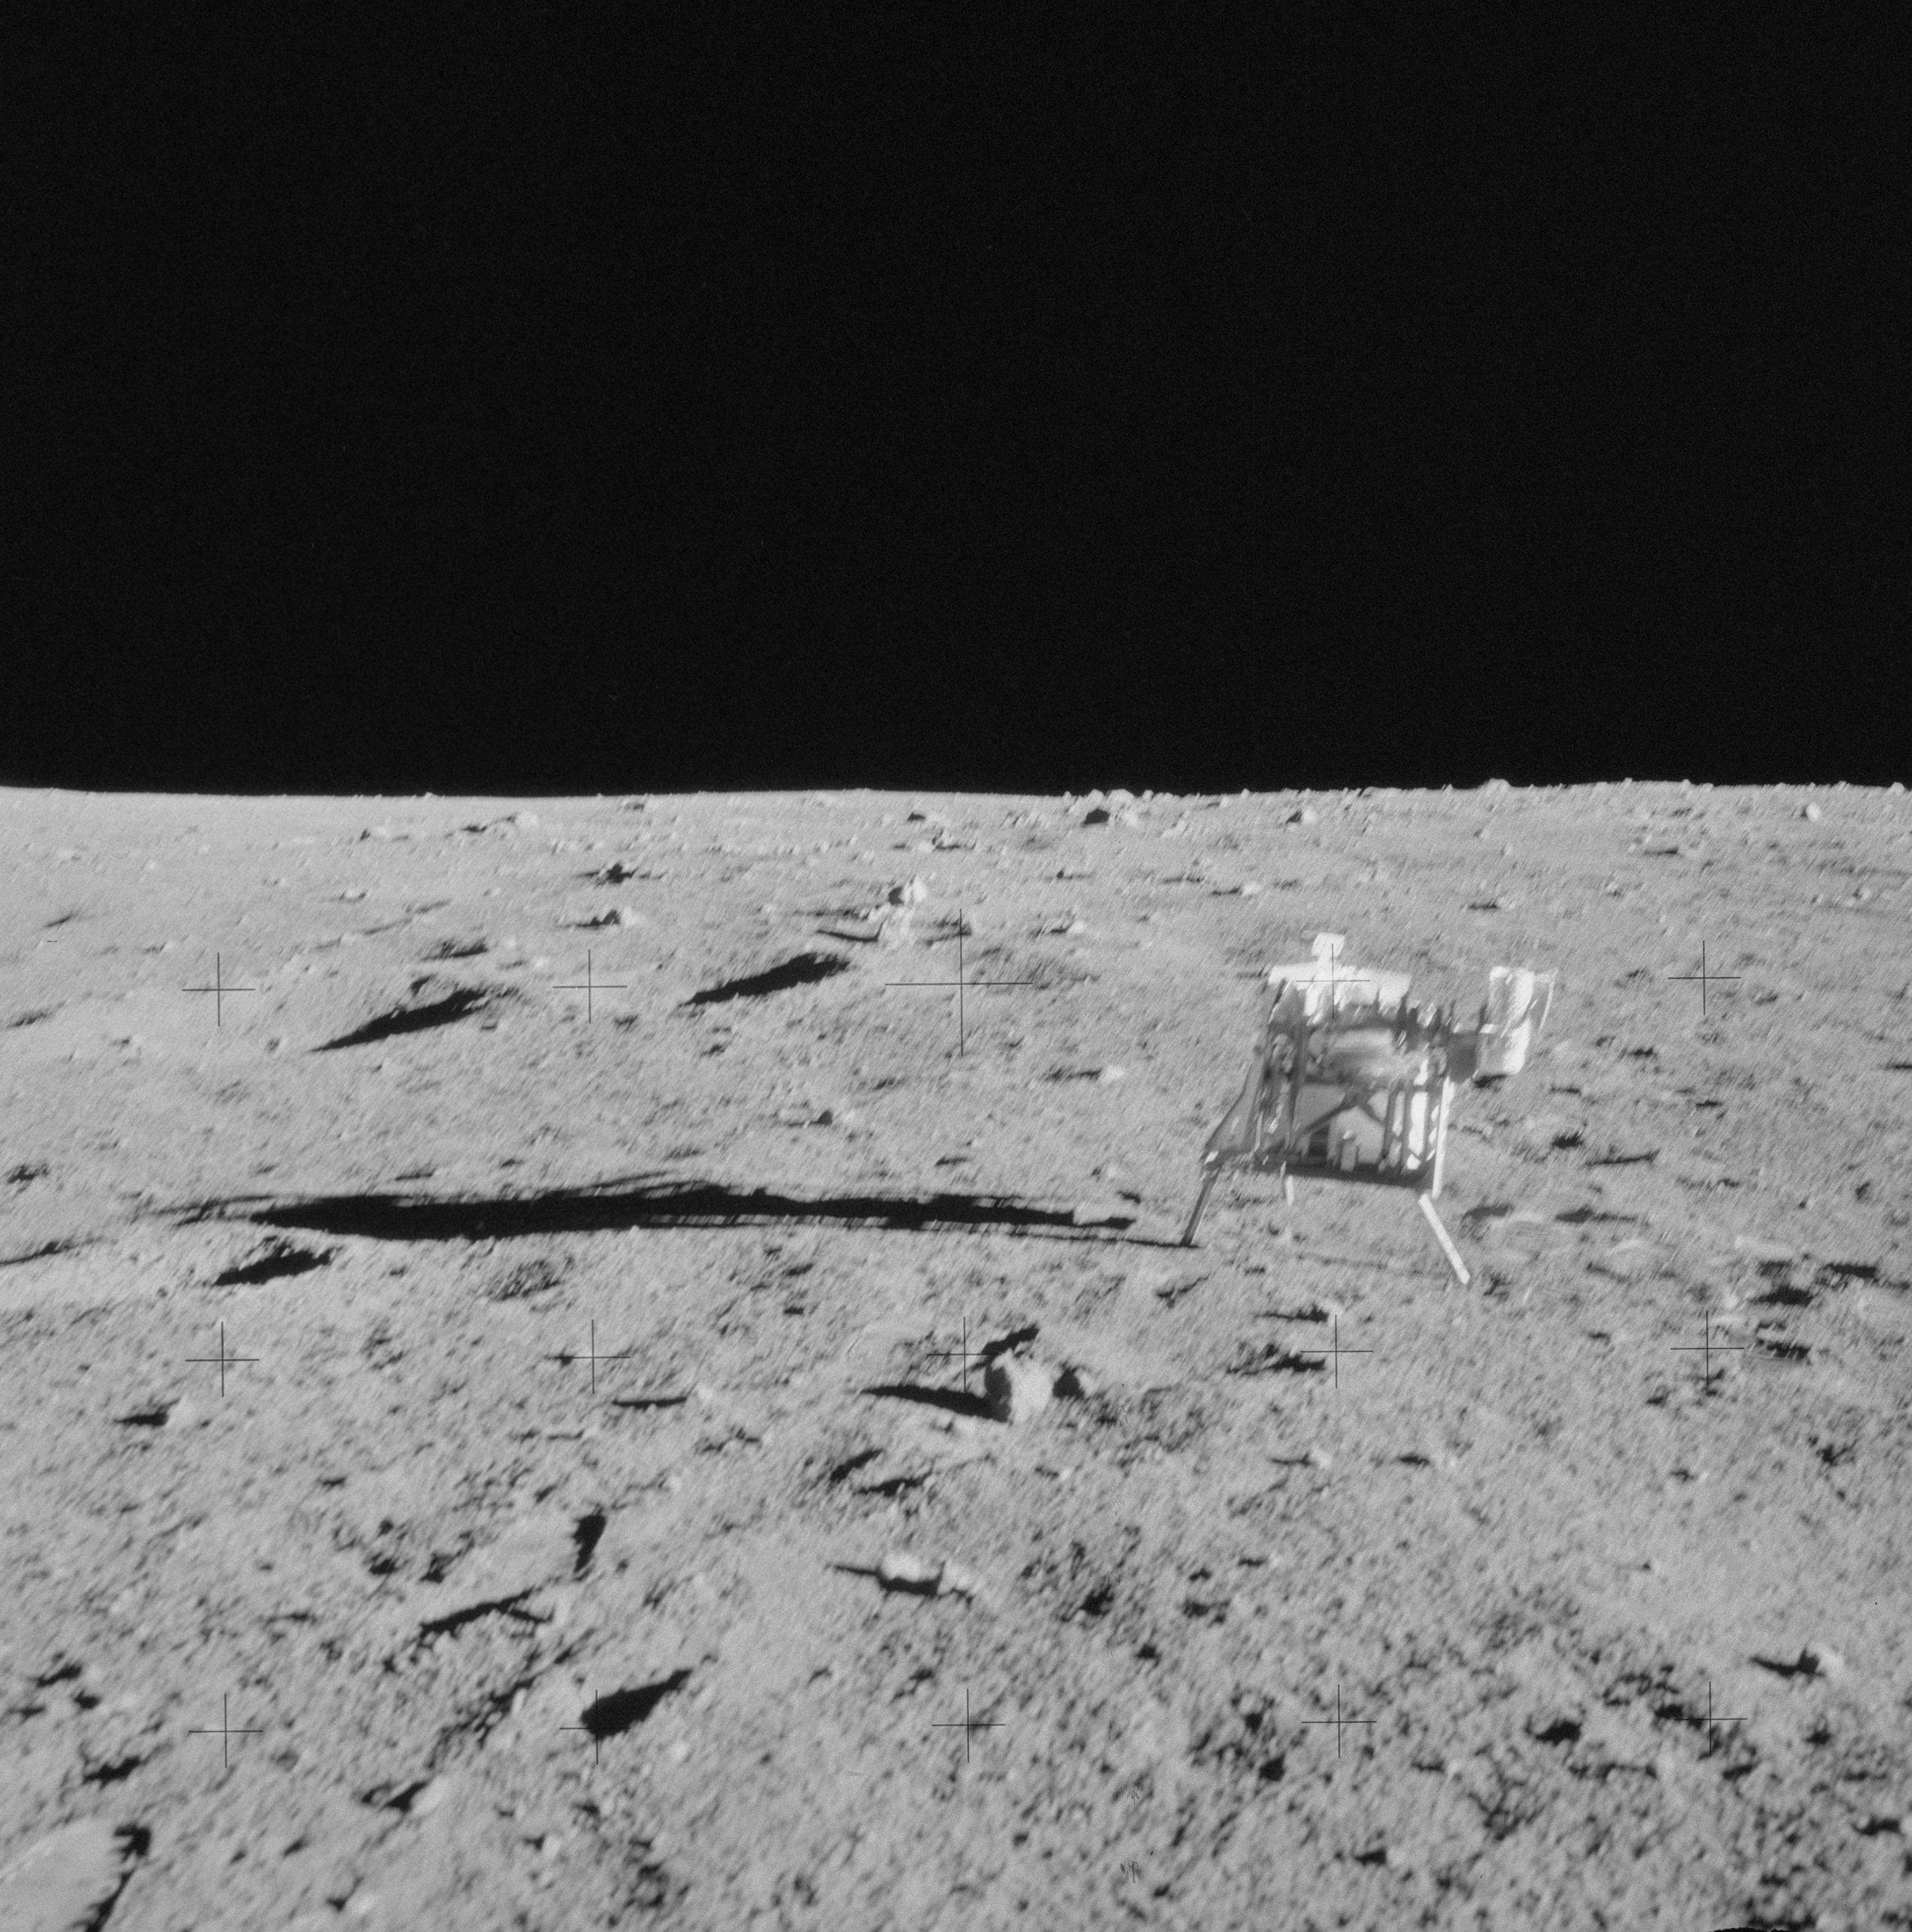 apollo 12 mission report - photo #11